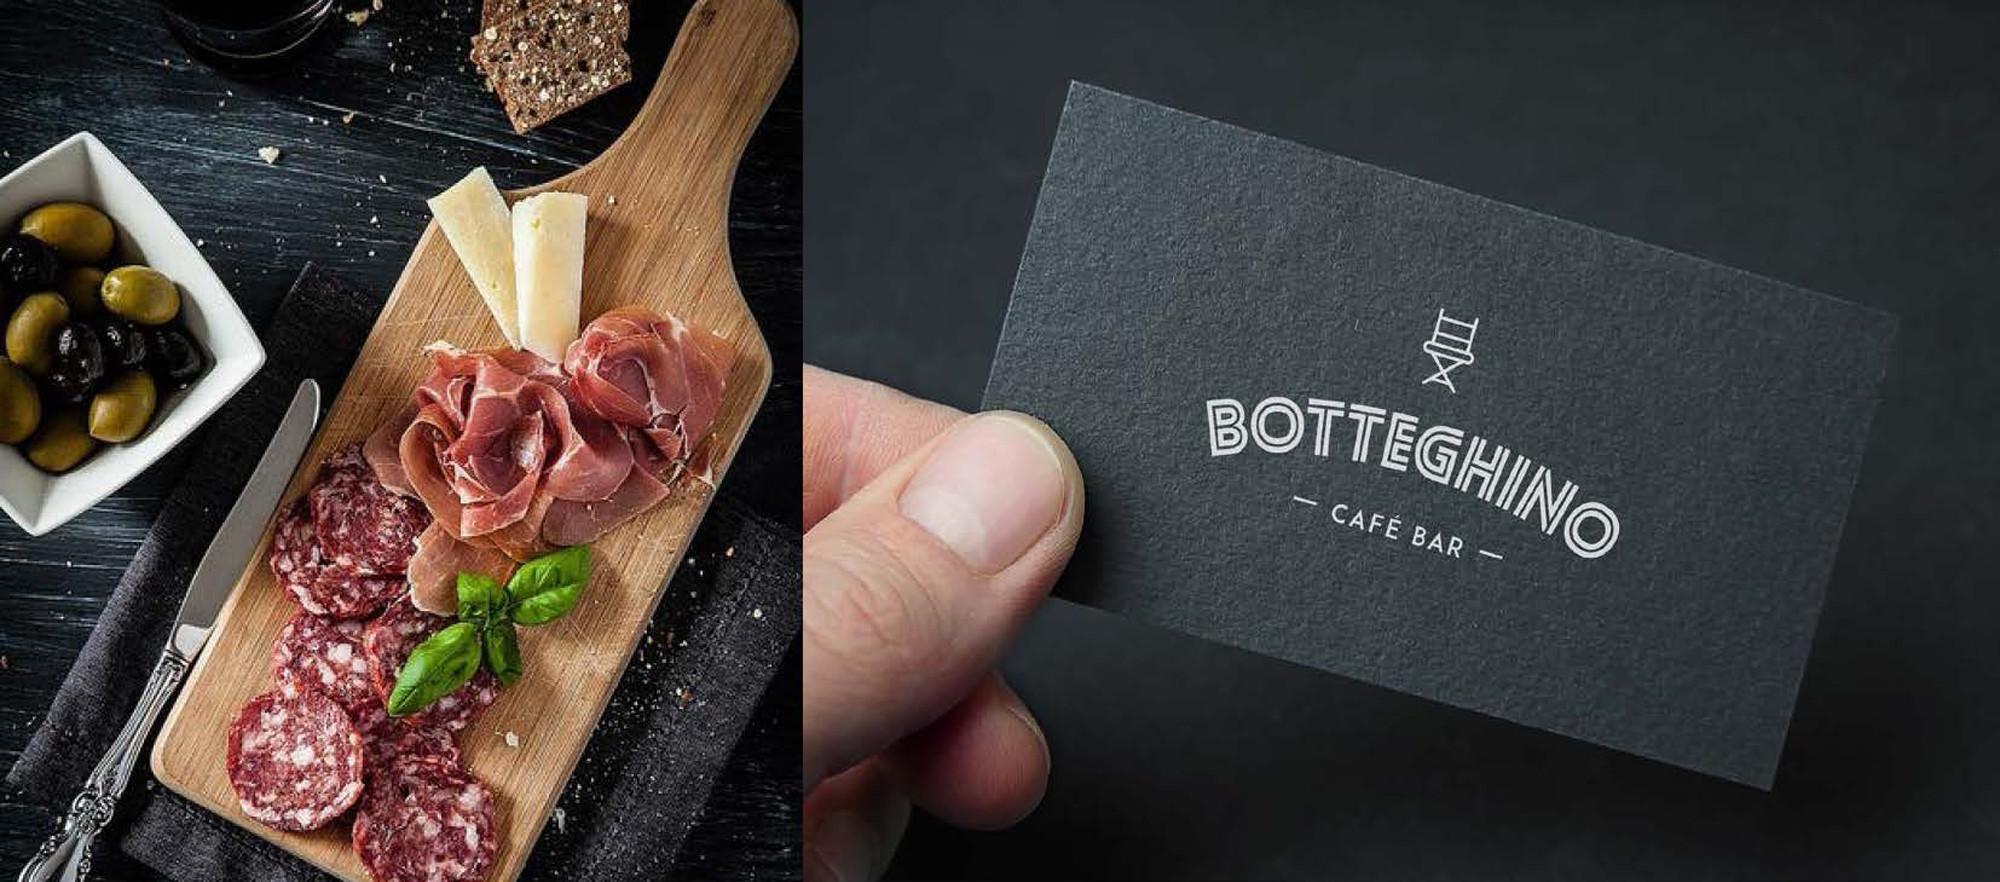 Botteghino branding 2